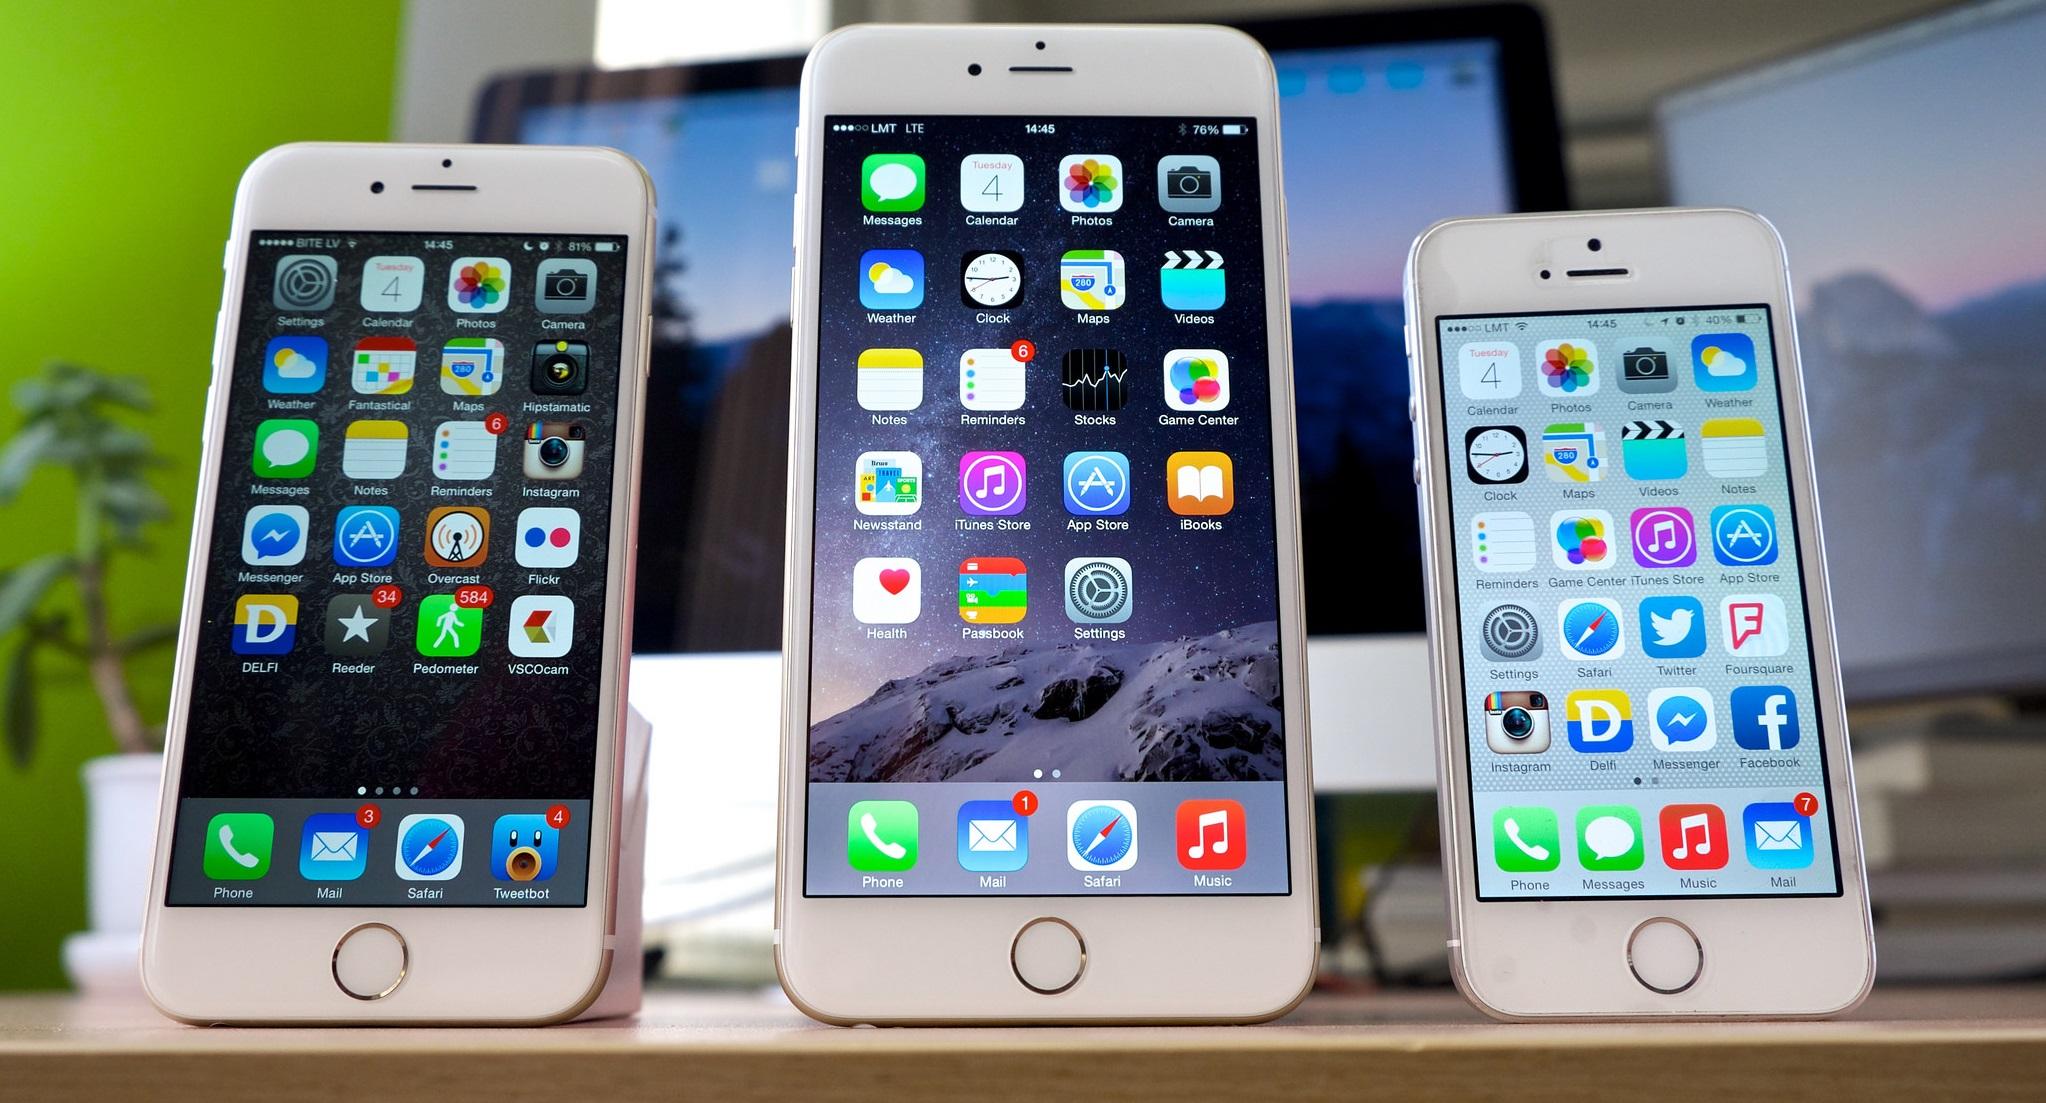 LA iPhone Repair | Mobile Phone Repair in Los Angeles CA